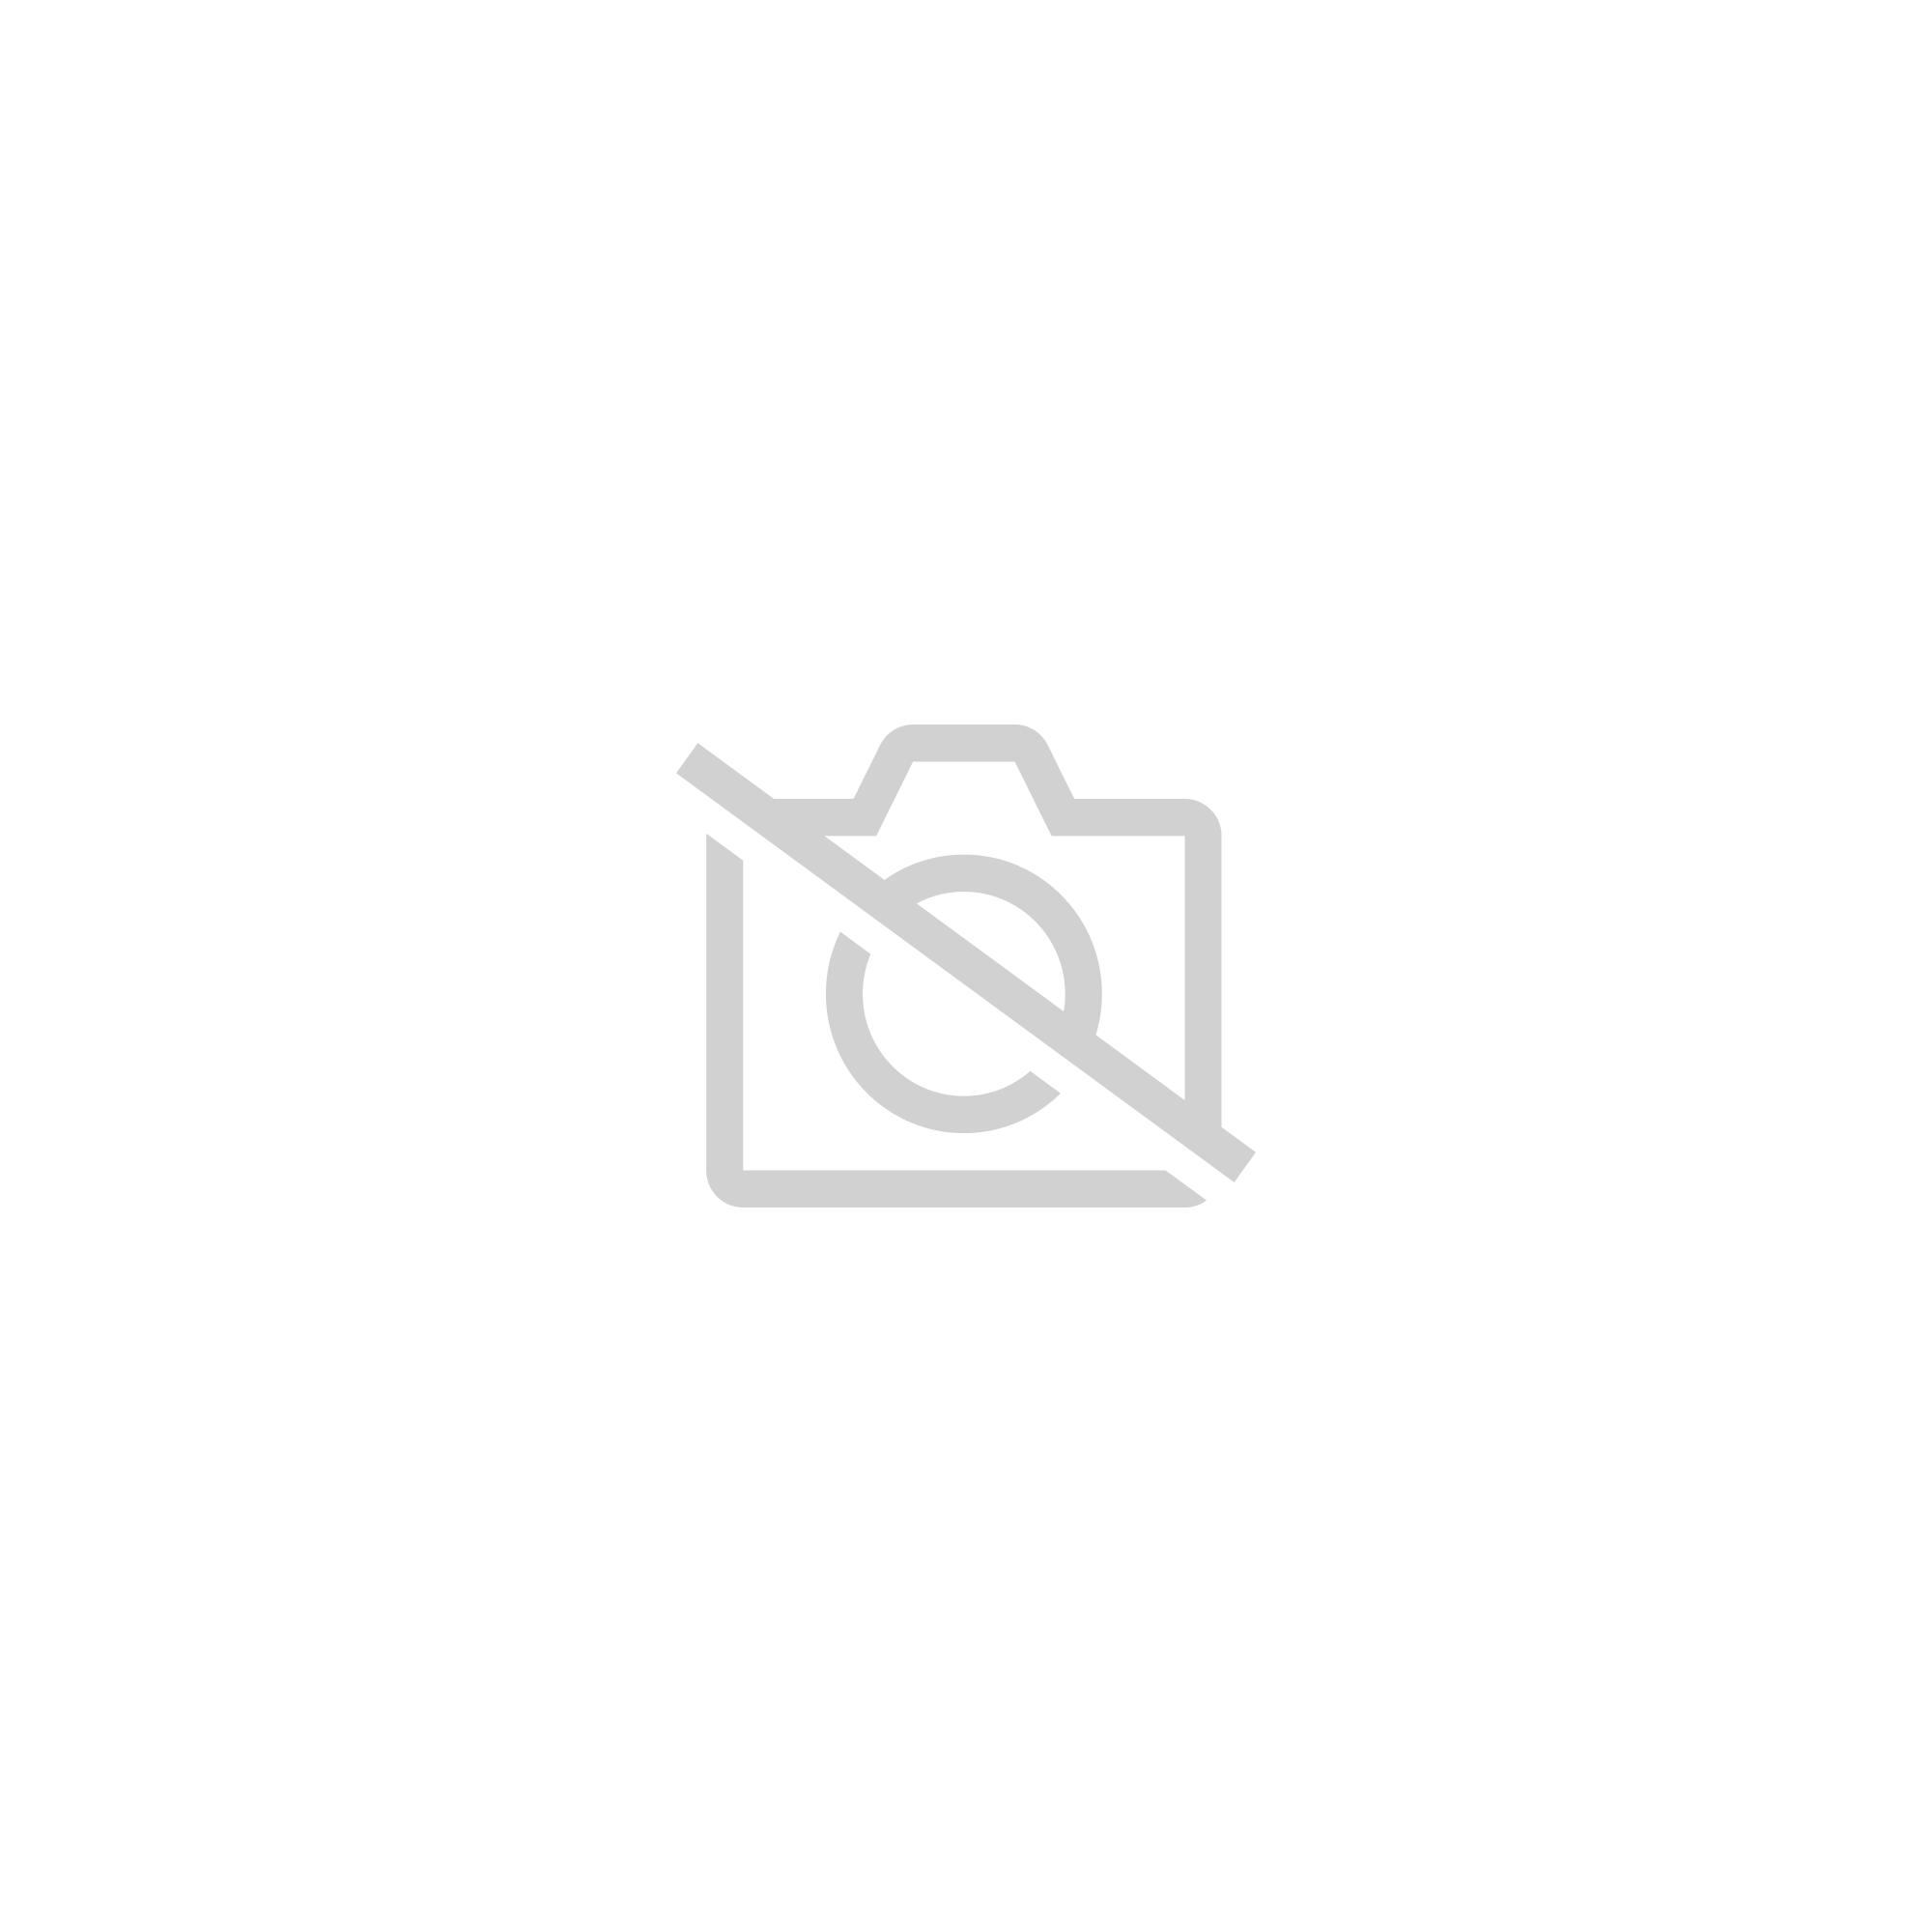 Bottes New Rock M.Neotr005-S2 Collection Neotrail Cuir Vachette Noir